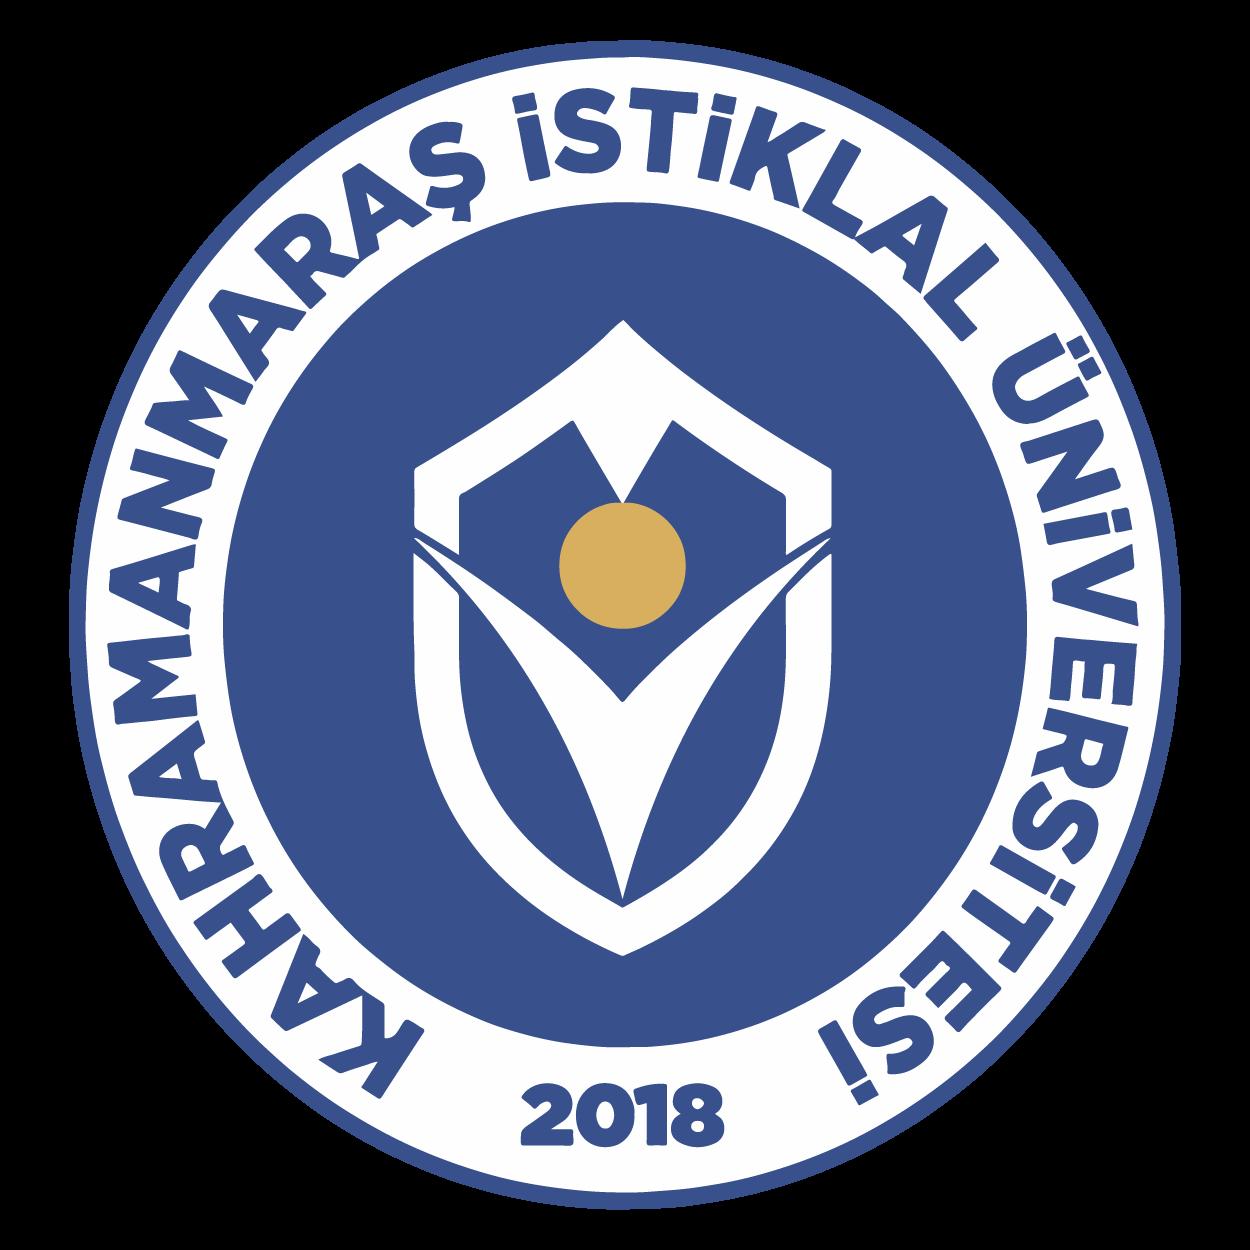 Kahramanmaraş İstiklal Üniversitesi Logo png